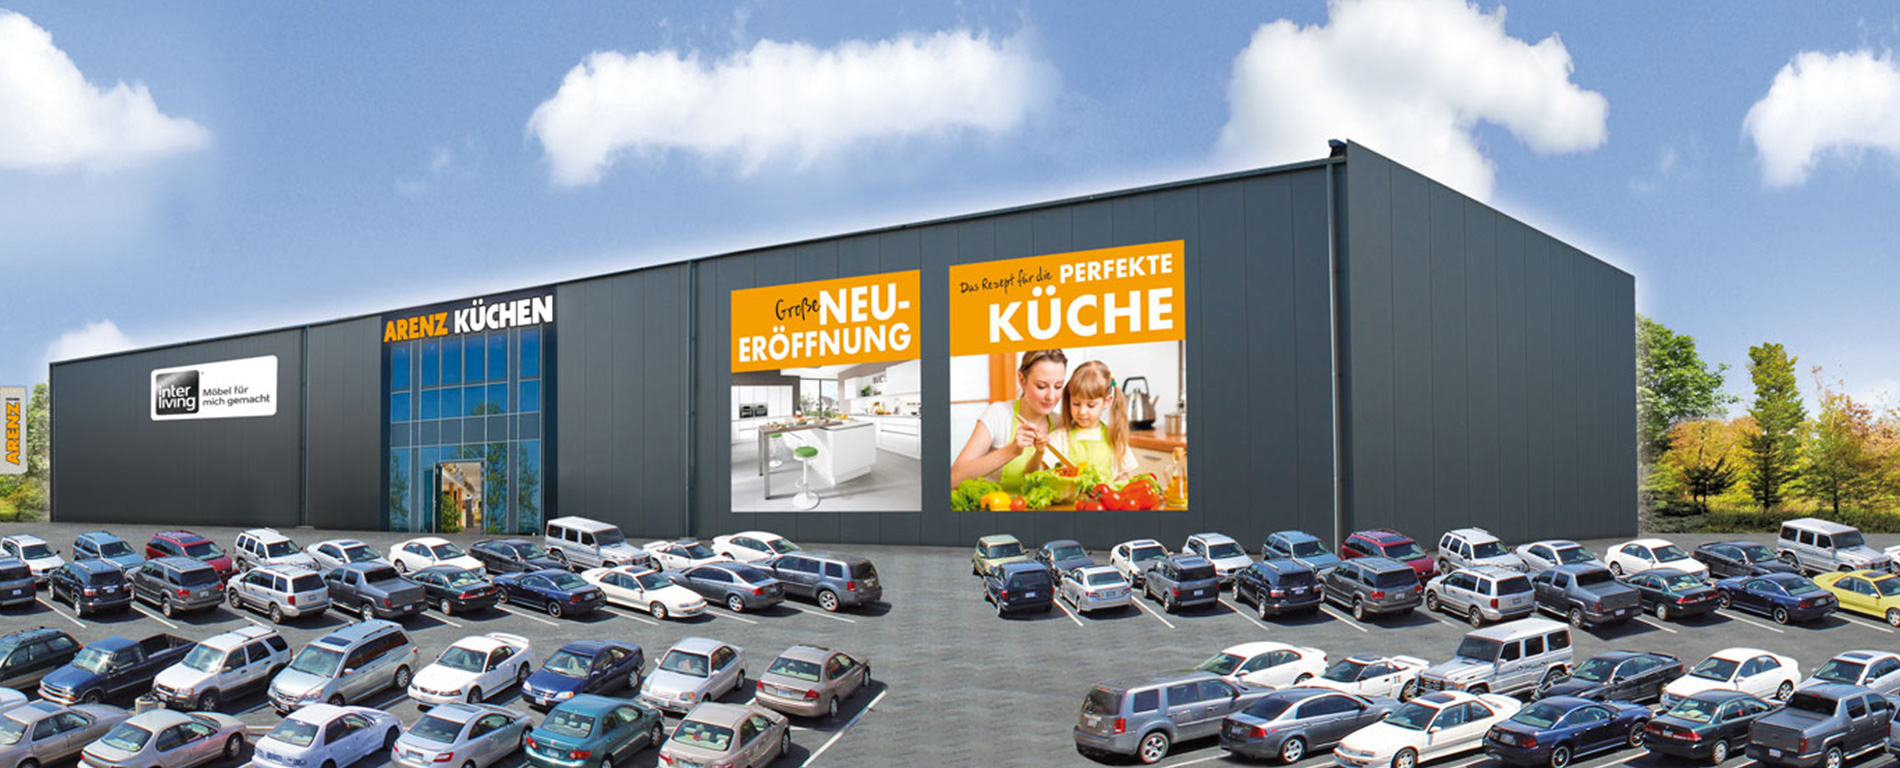 Arenz Küchen In Wittlich Möbel Arenz